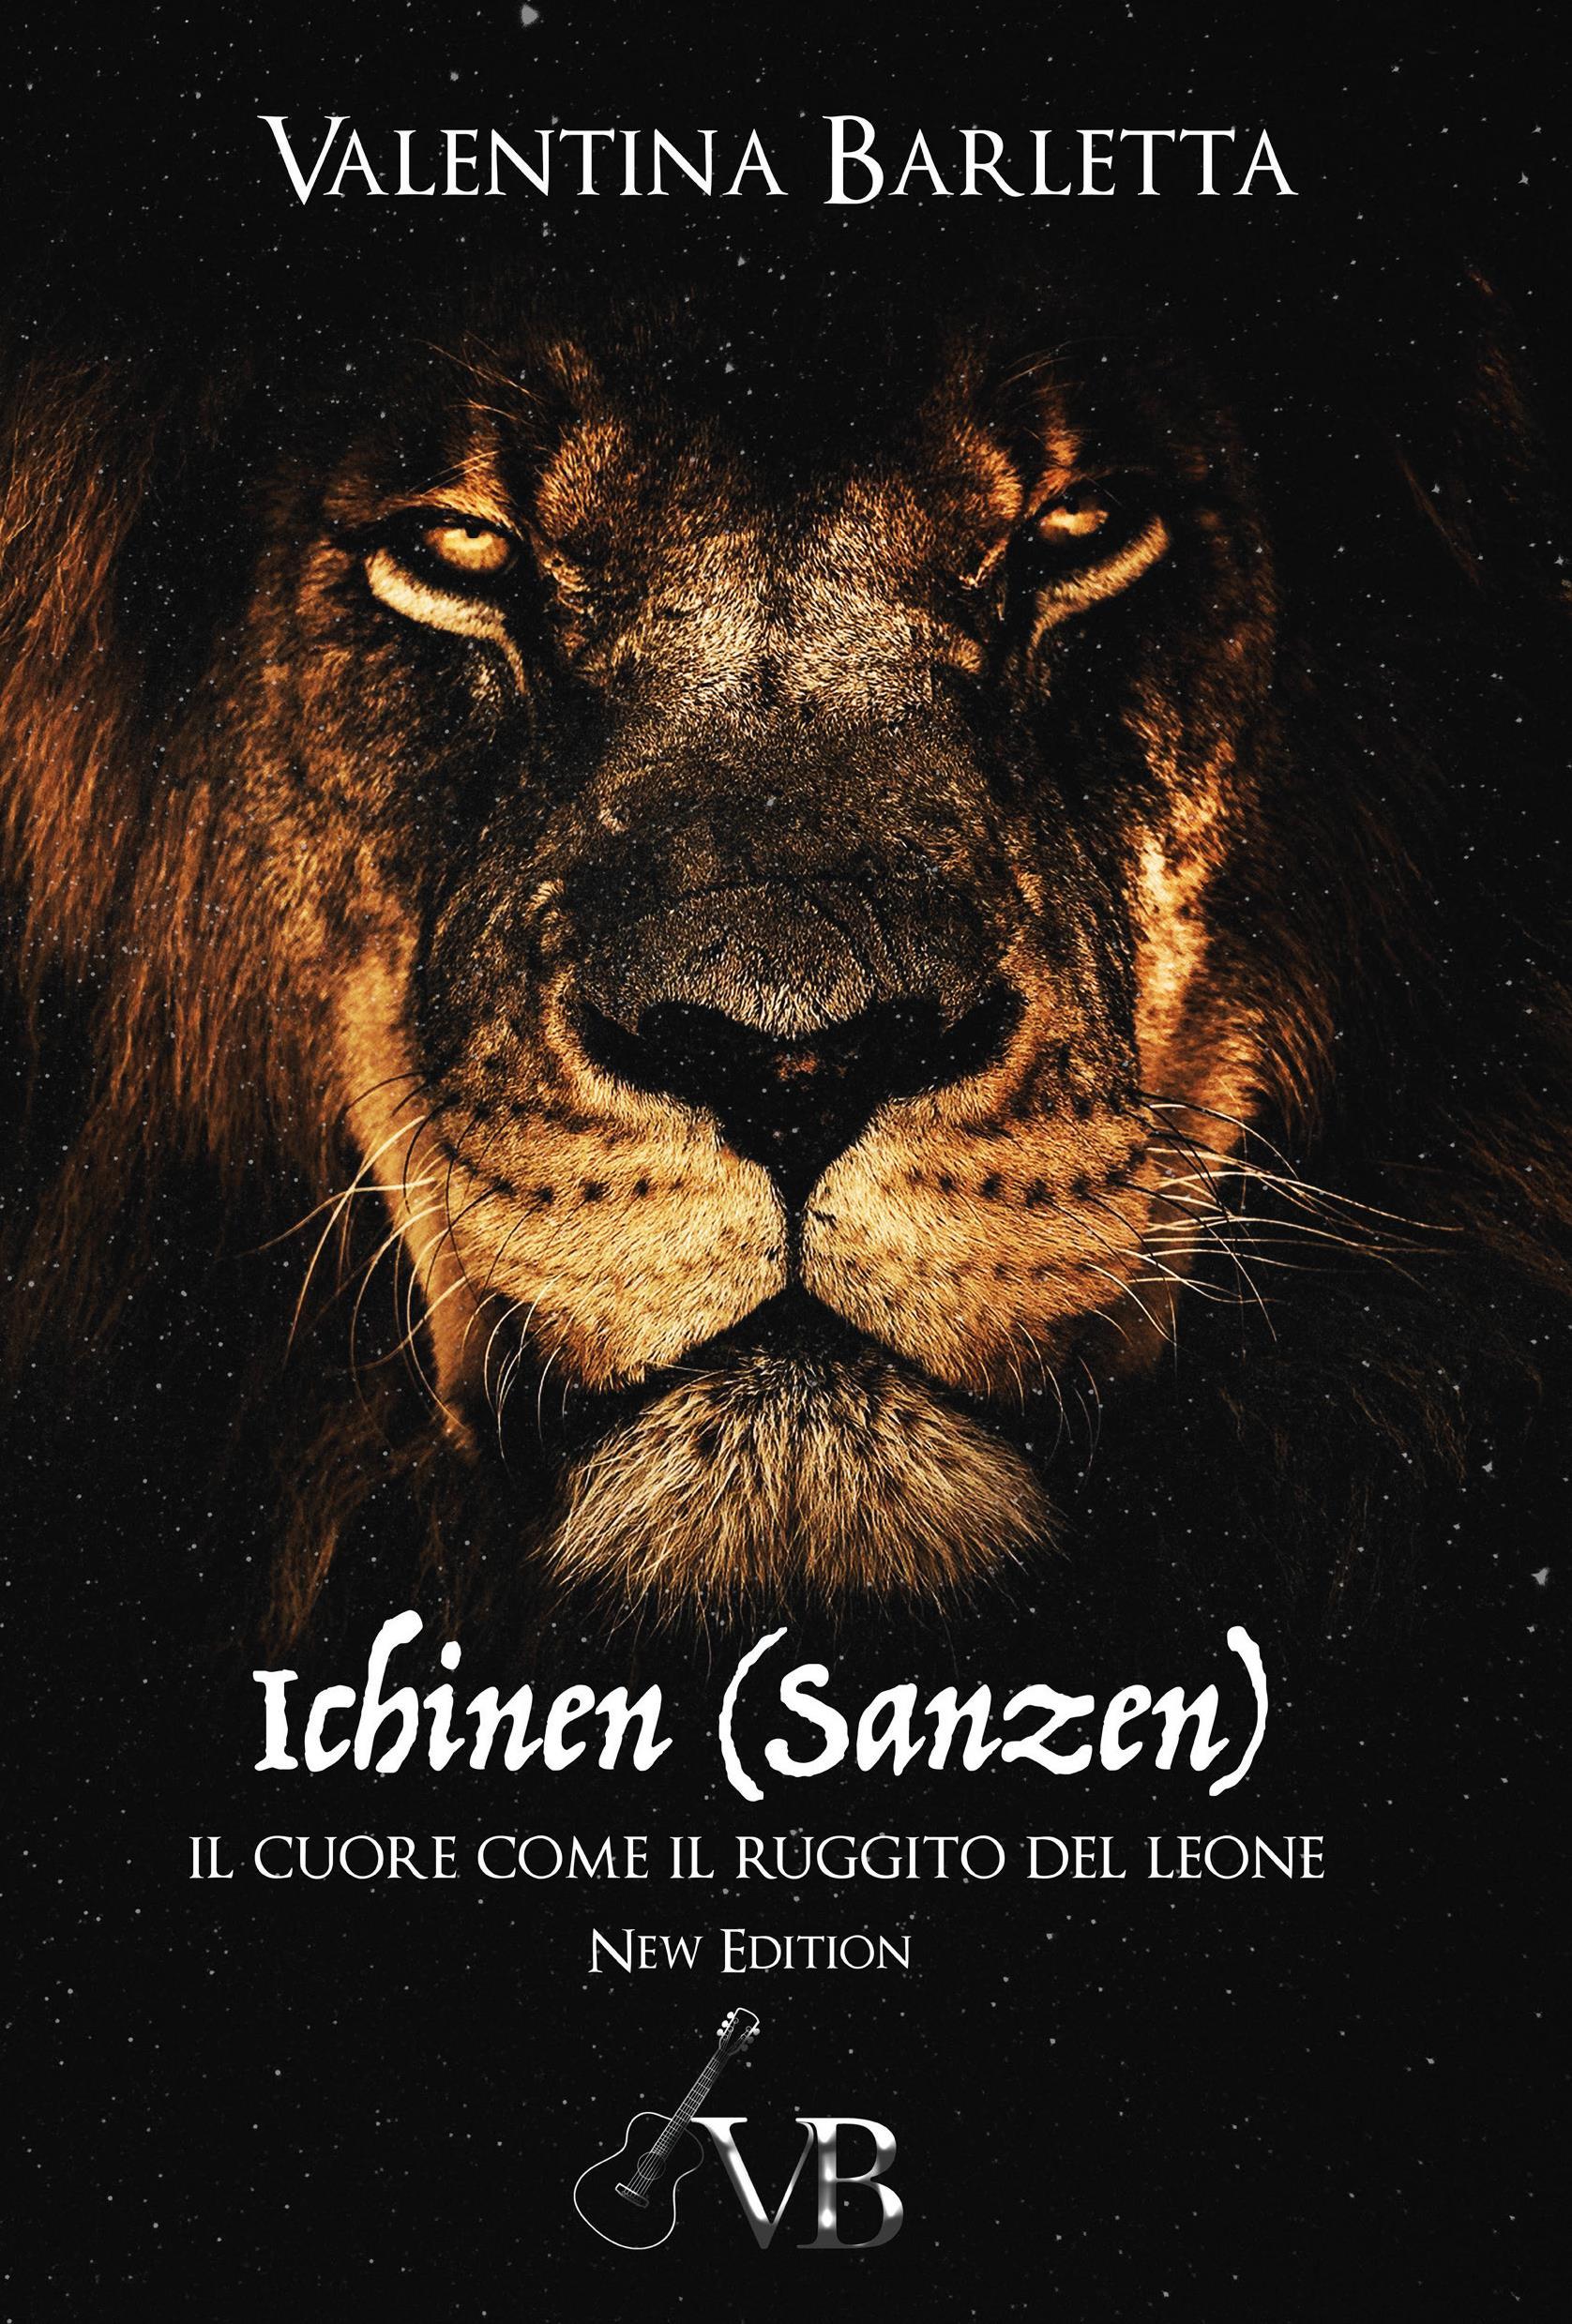 Ichinen (Sanzen), il cuore come il ruggito del leone